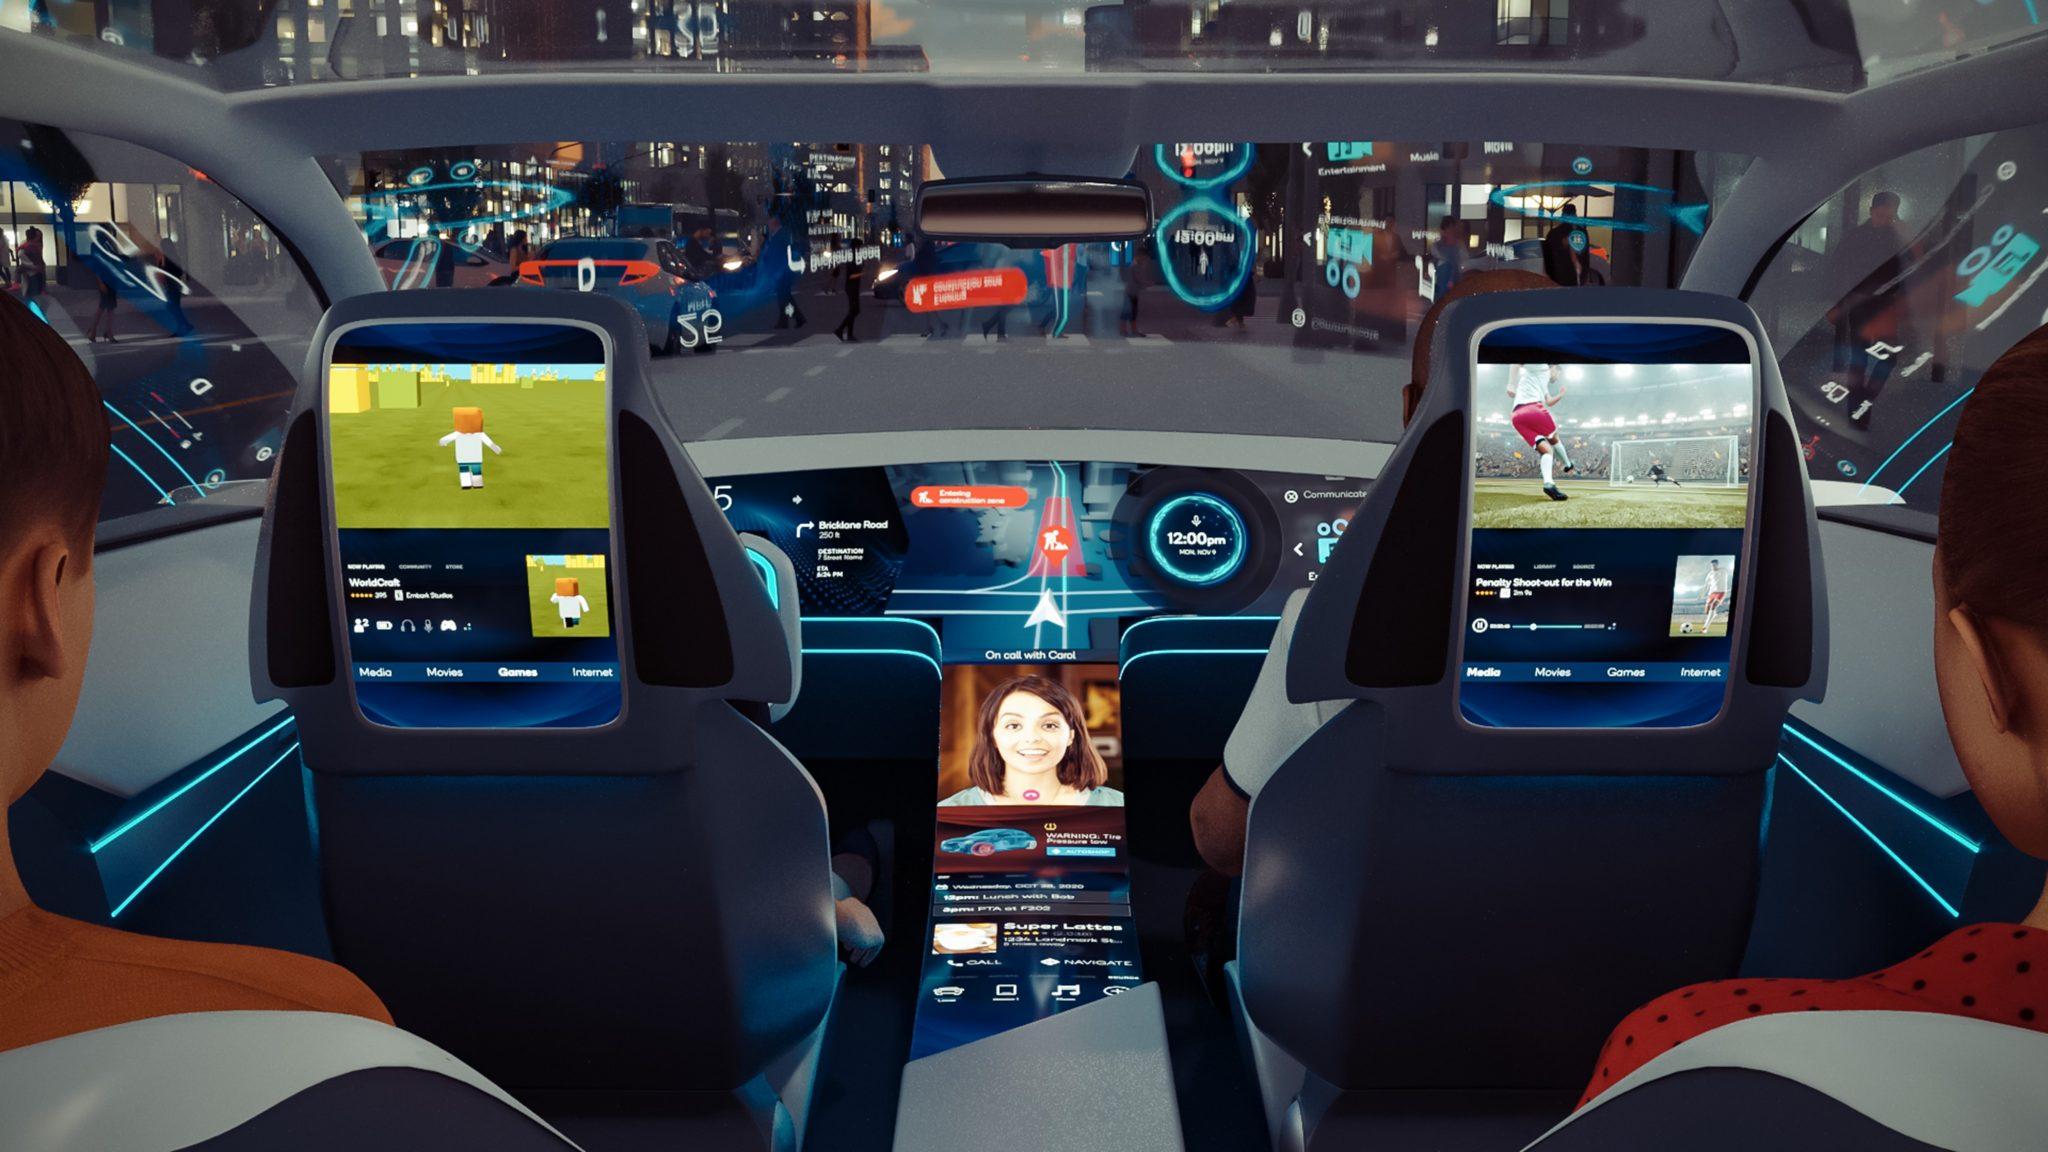 5g e novas tecnologias da qualcomm para carros conectados. O evento automotives redefined revelou novas tecnologias da qualcomm para carros conectados, como novos cockpits digitais, integração com a alexa e mais